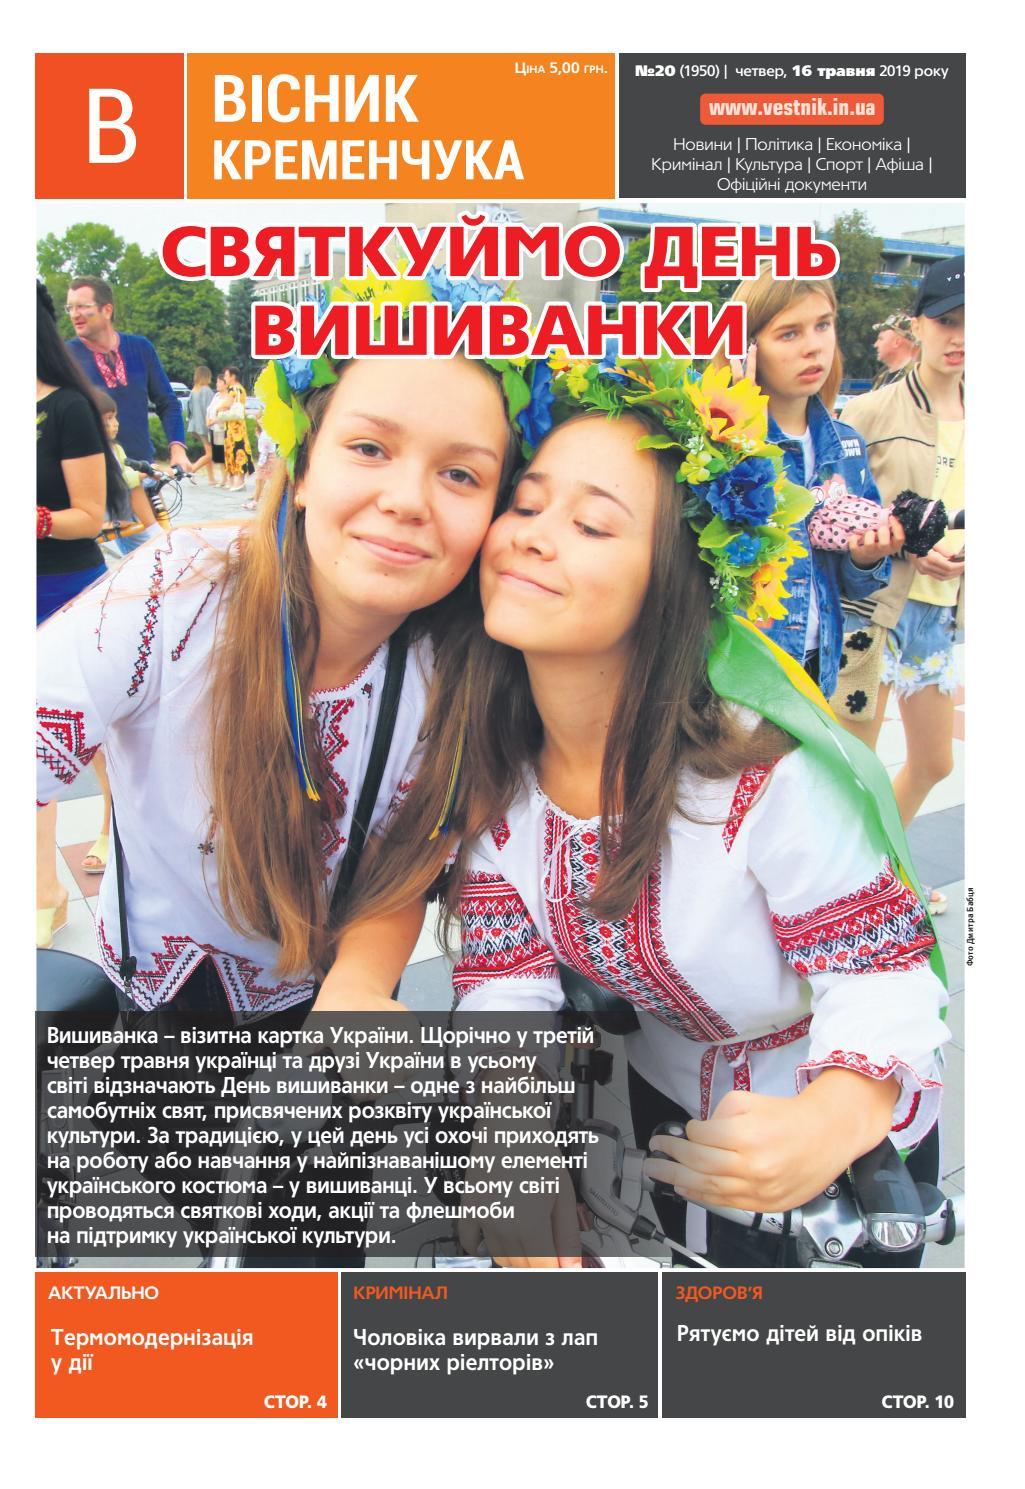 48477fc1085d05 Вісник Кременчука, №20 2019 року by Вісник Кременчука - issuu